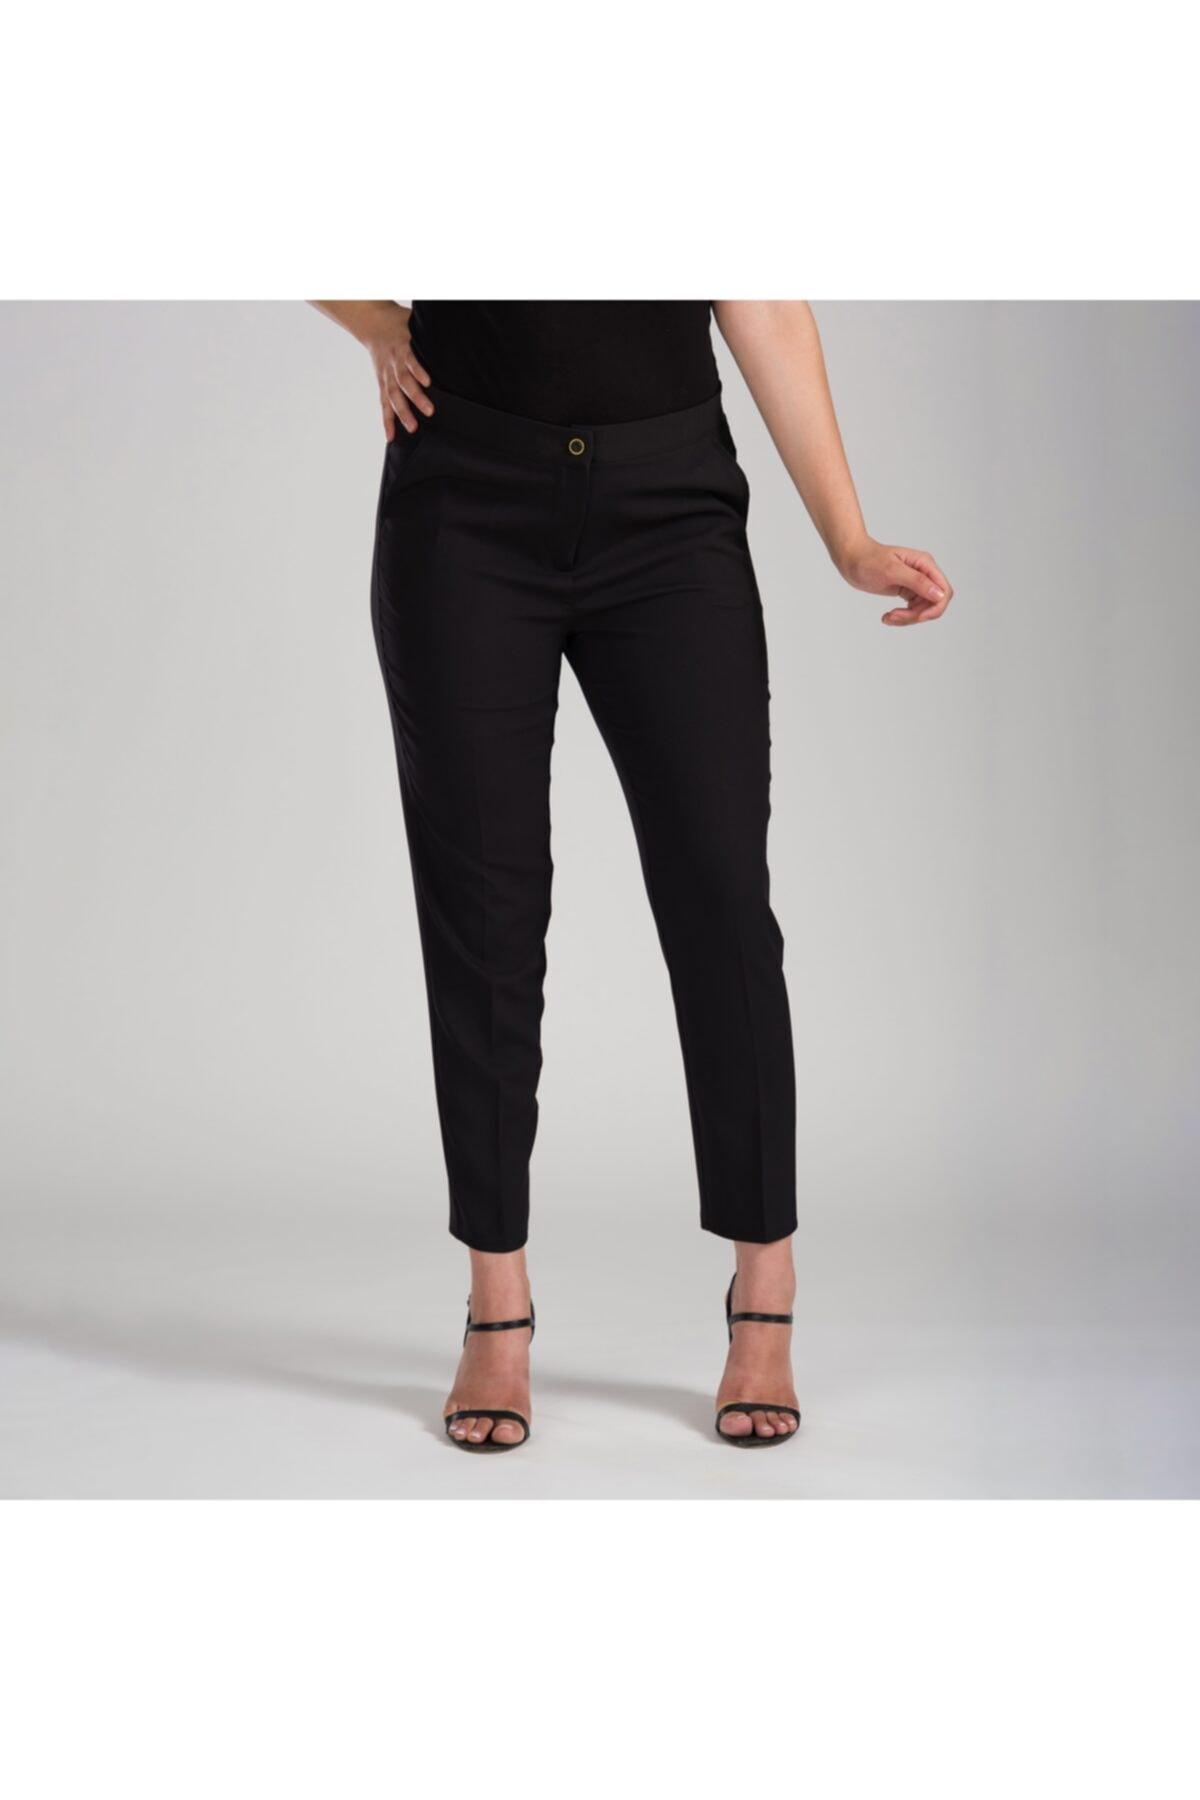 MODAMAİSA Kadın Siyah Dar Bilek Pantolon 2